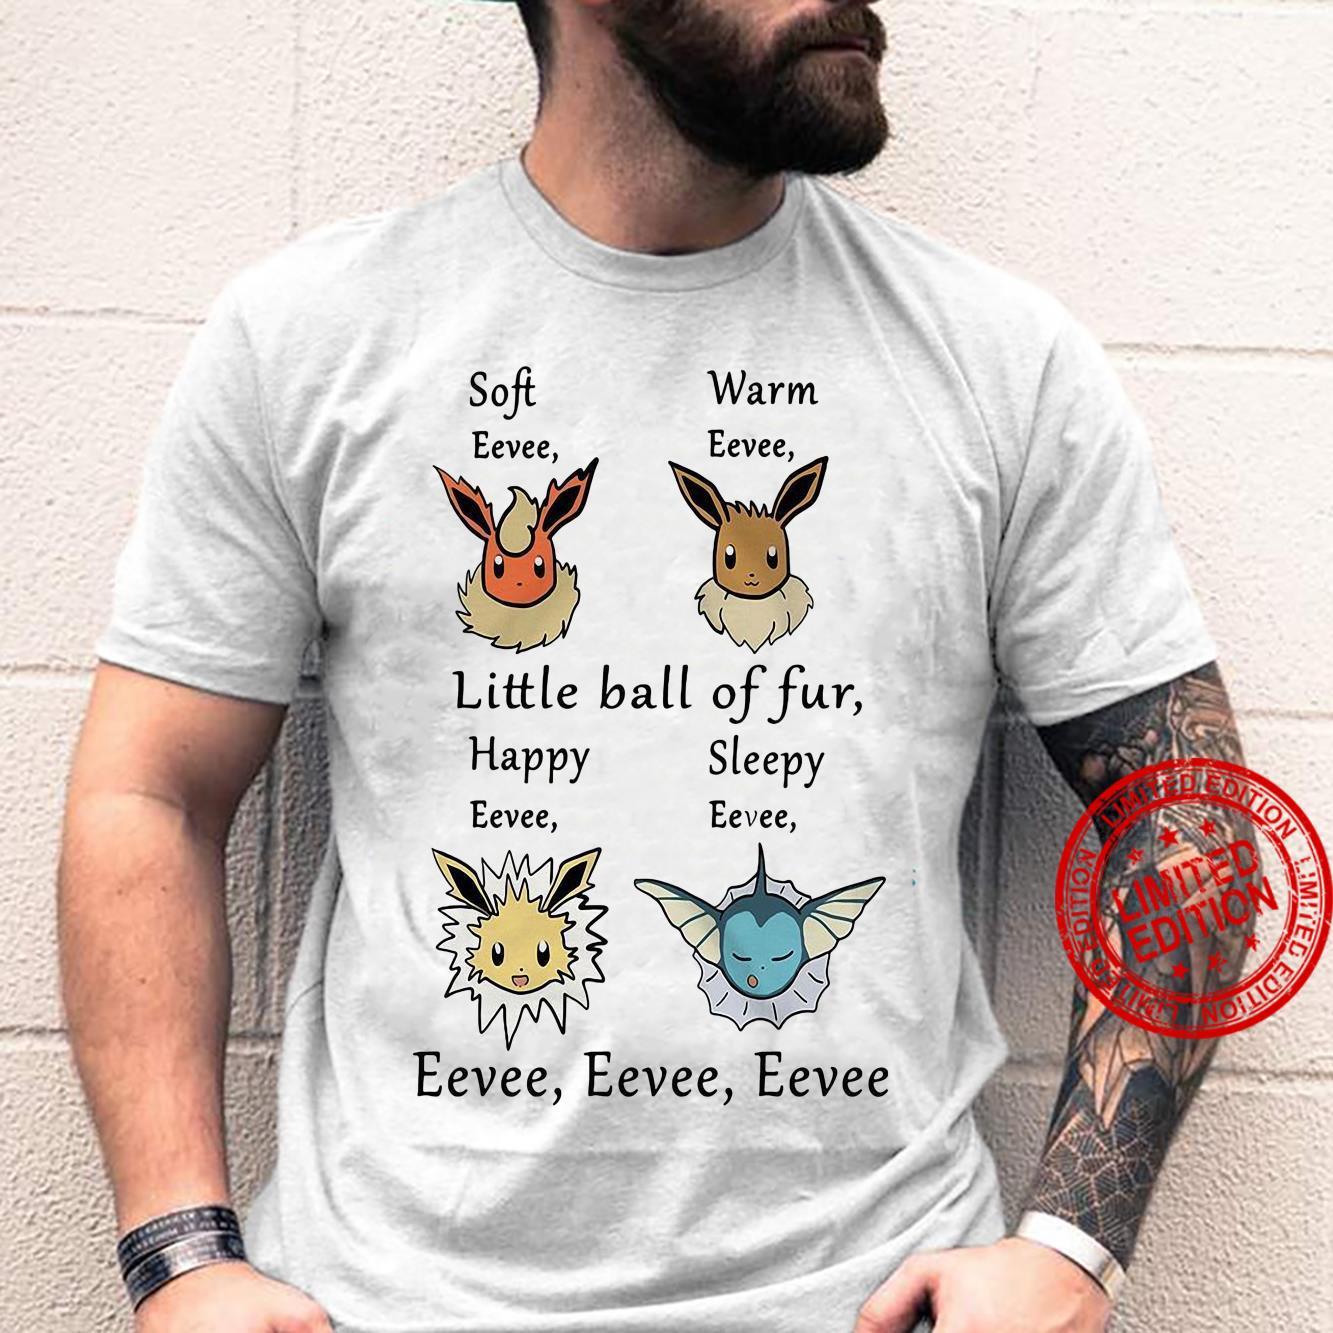 Soft Eevee Warm Eevee Little Ball Of Fur Happy Sleepy Eevee Eevee Eevee Shirt